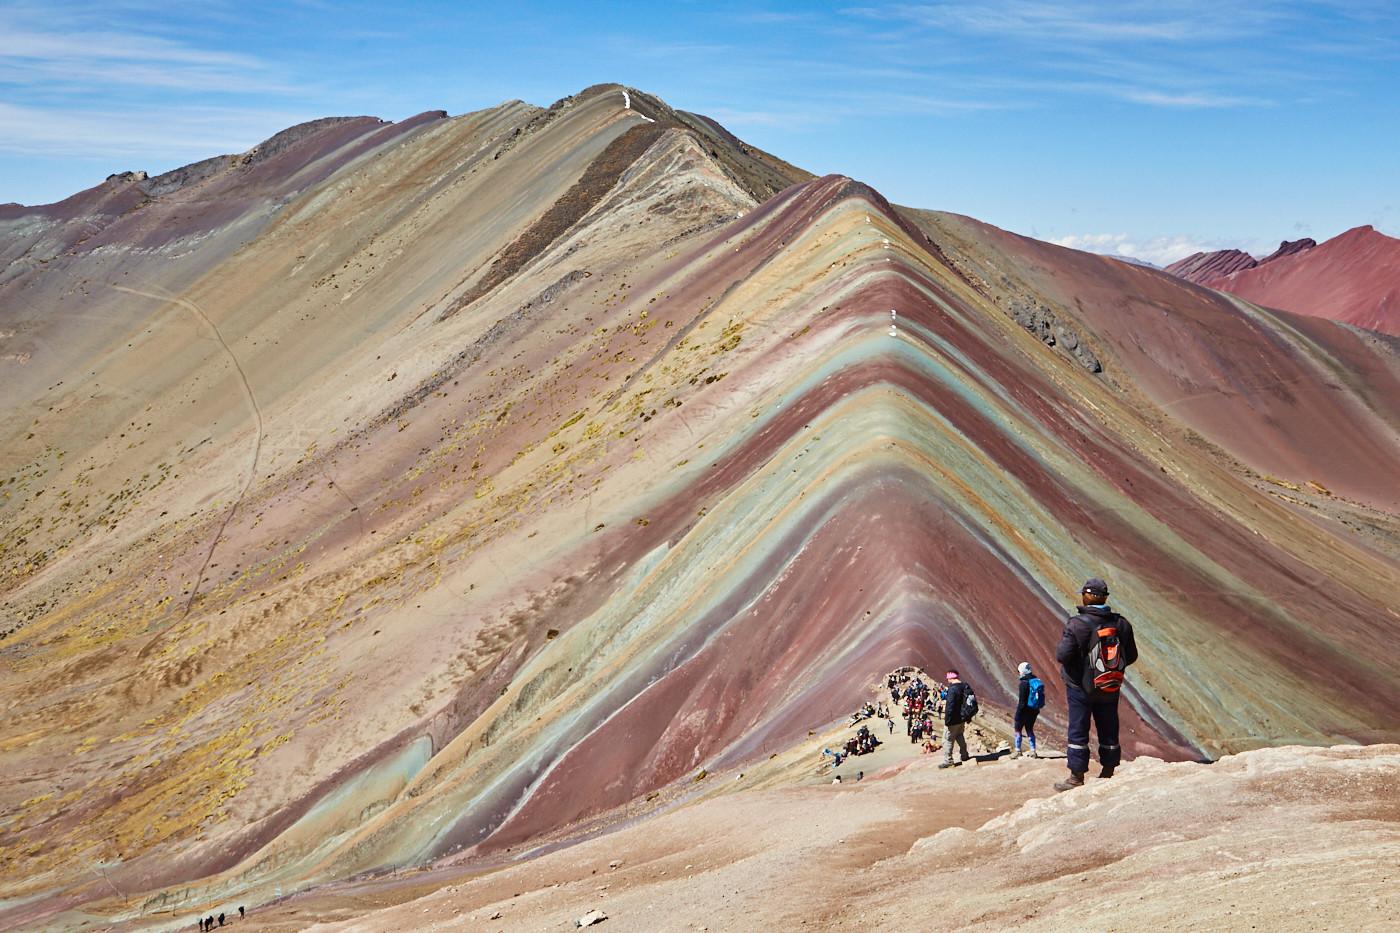 so sieht der Rainbow Mountain wirklich aus, diese Farben sind natürlich. Und auch die Touristen gehören dazu